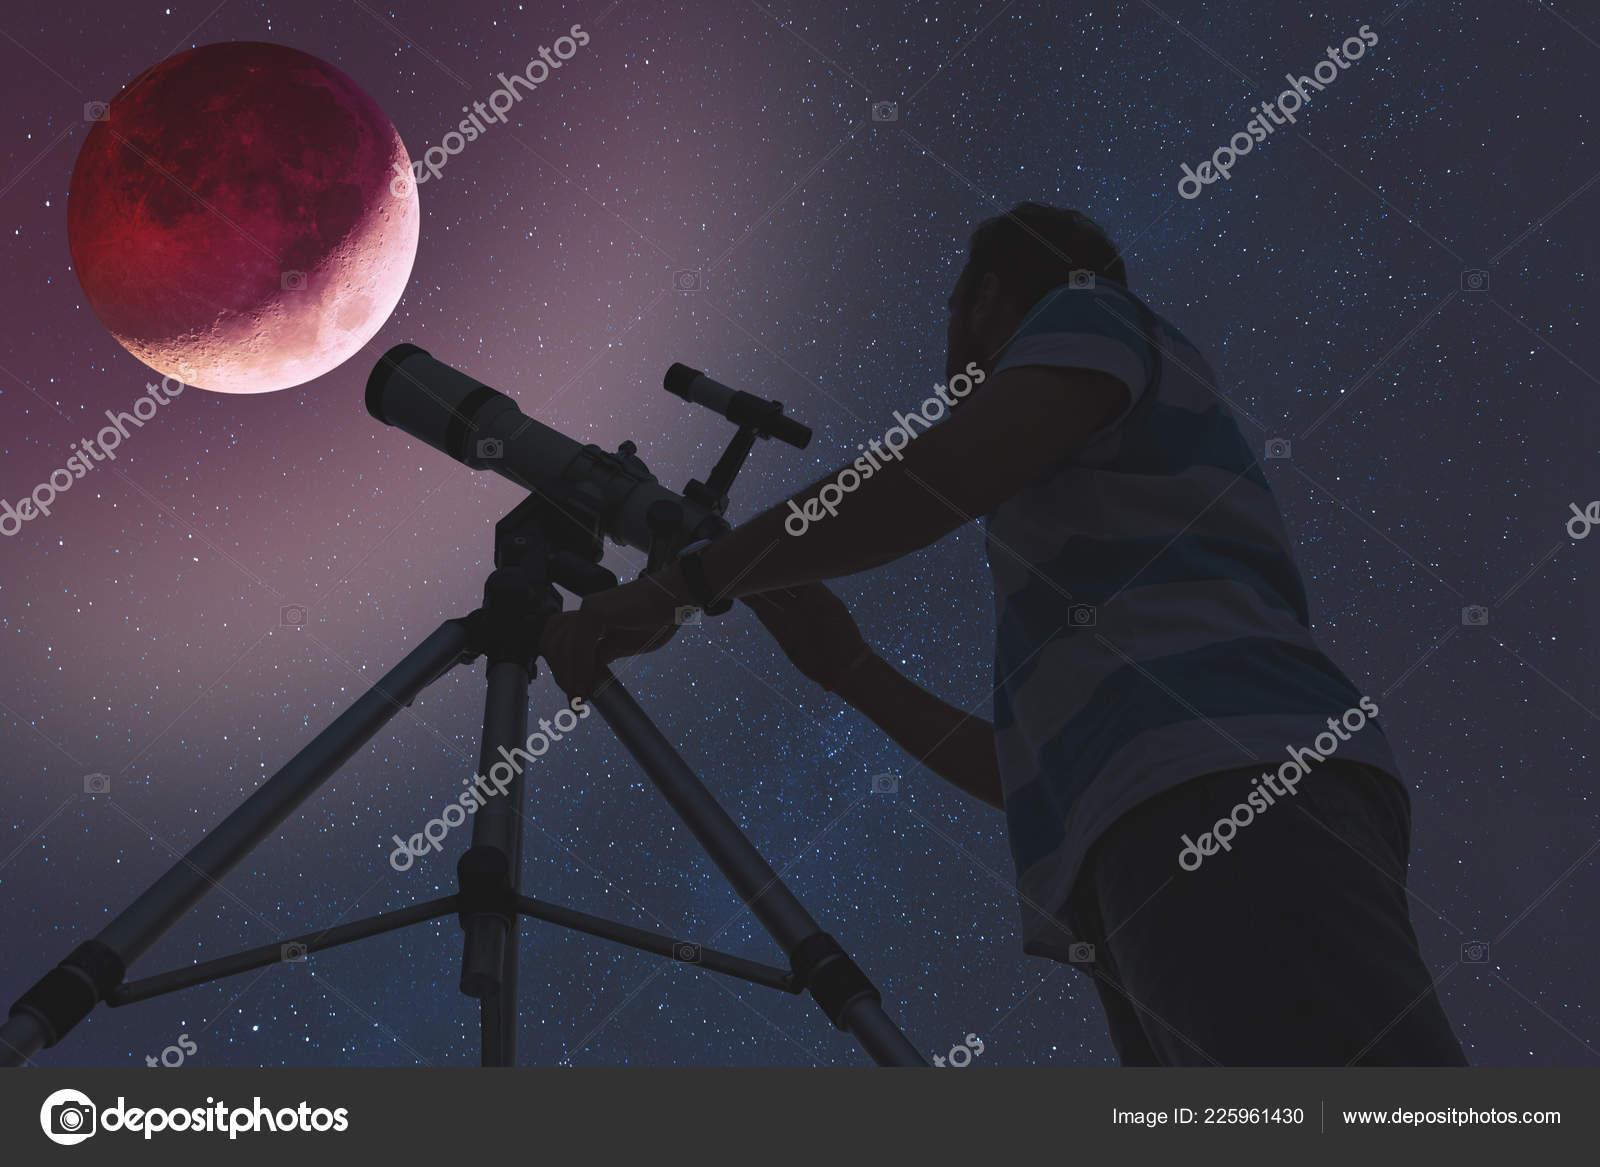 Mann sucht bei mondfinsternis durch ein teleskop meine astronomie